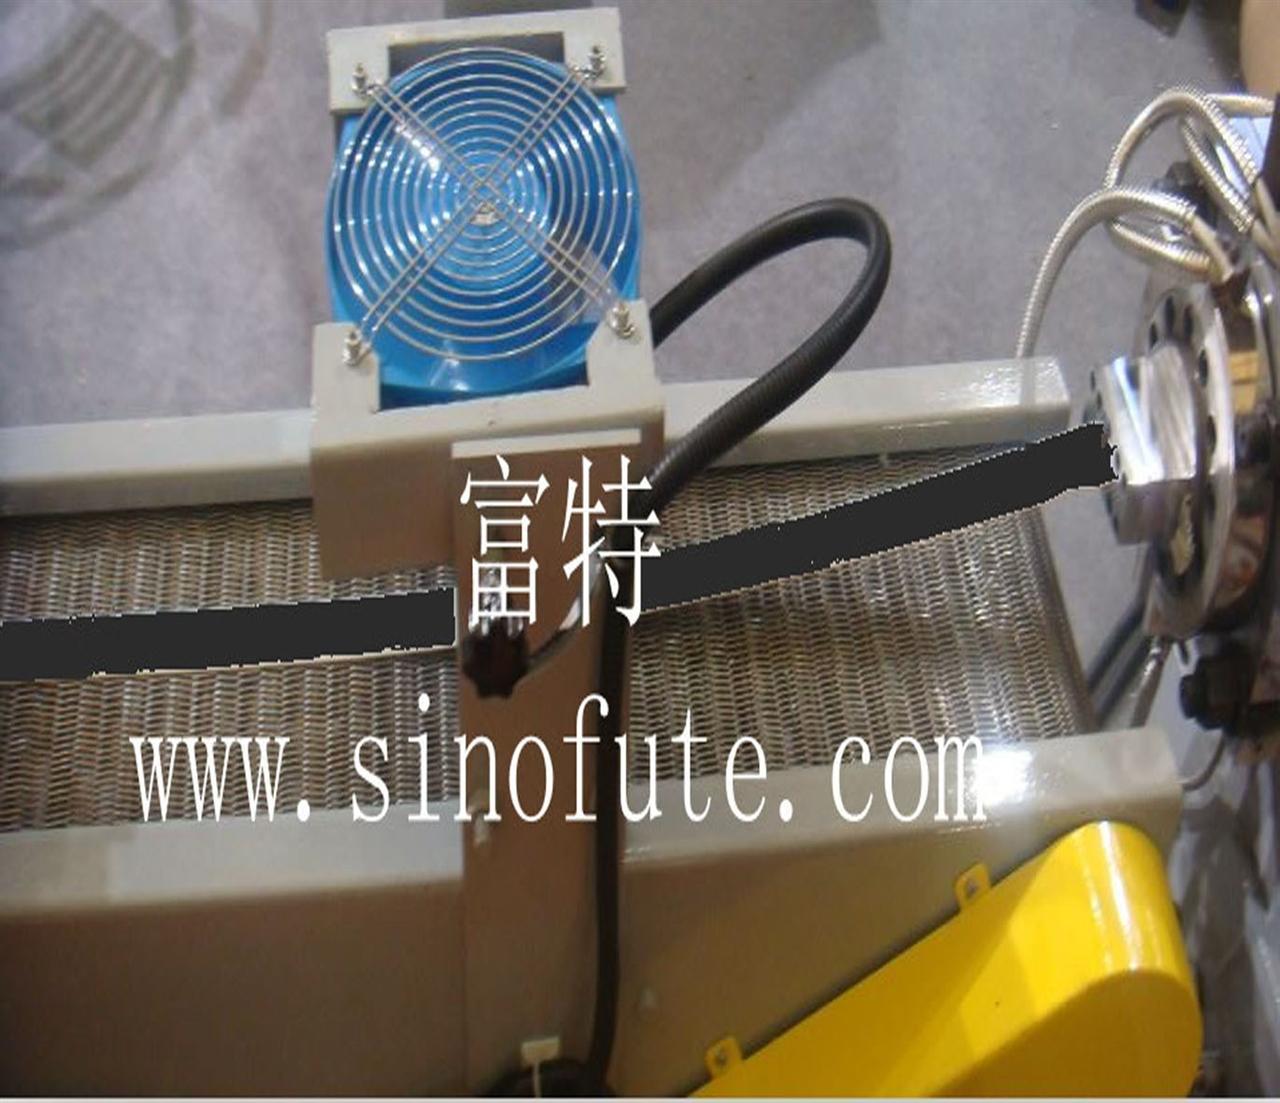 磁粉橡胶挤出生产线